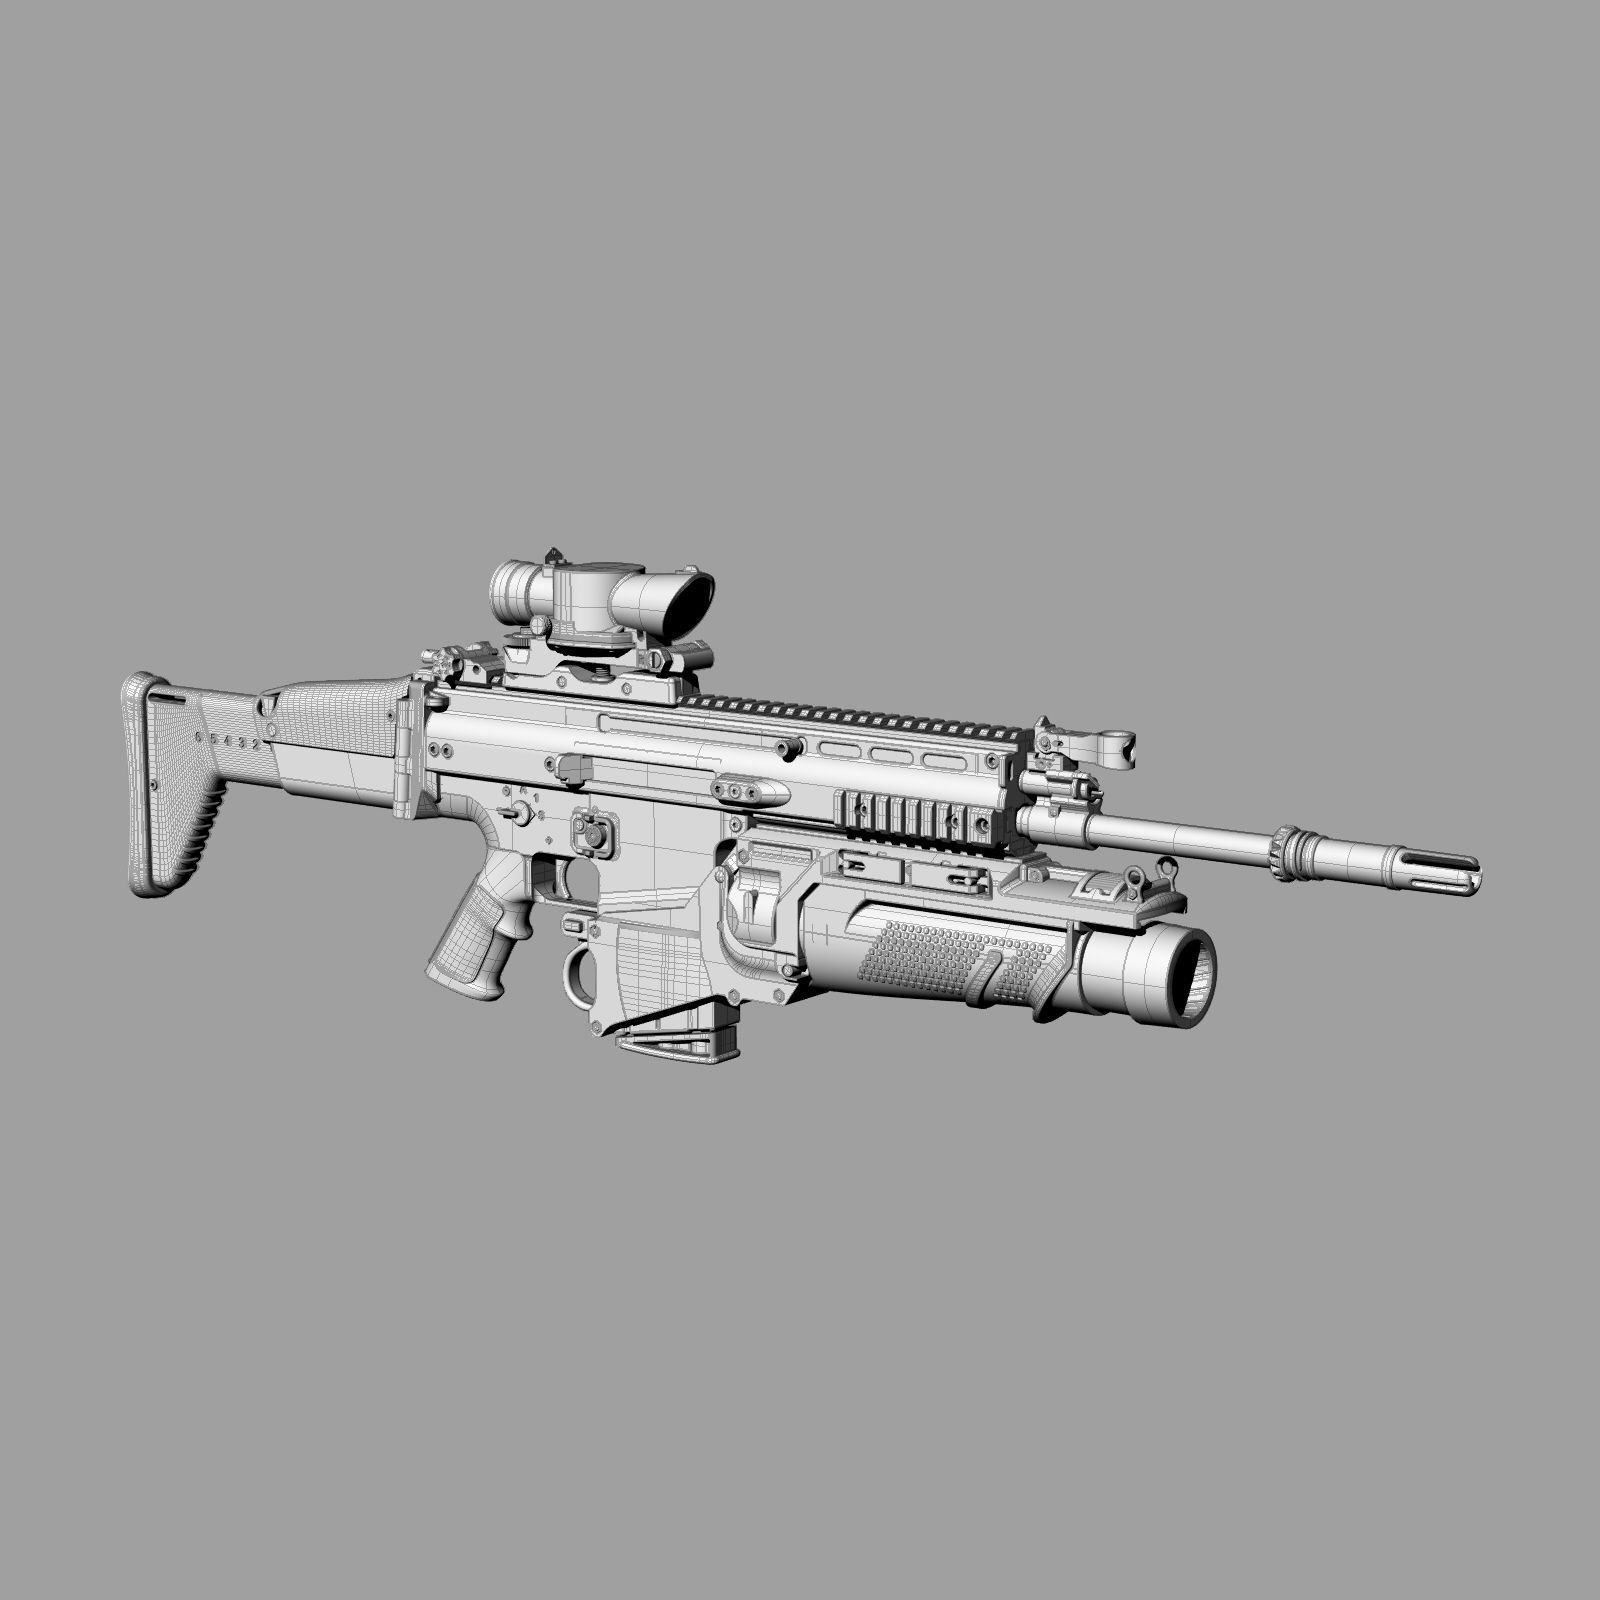 Nova 3 Assault Rifle